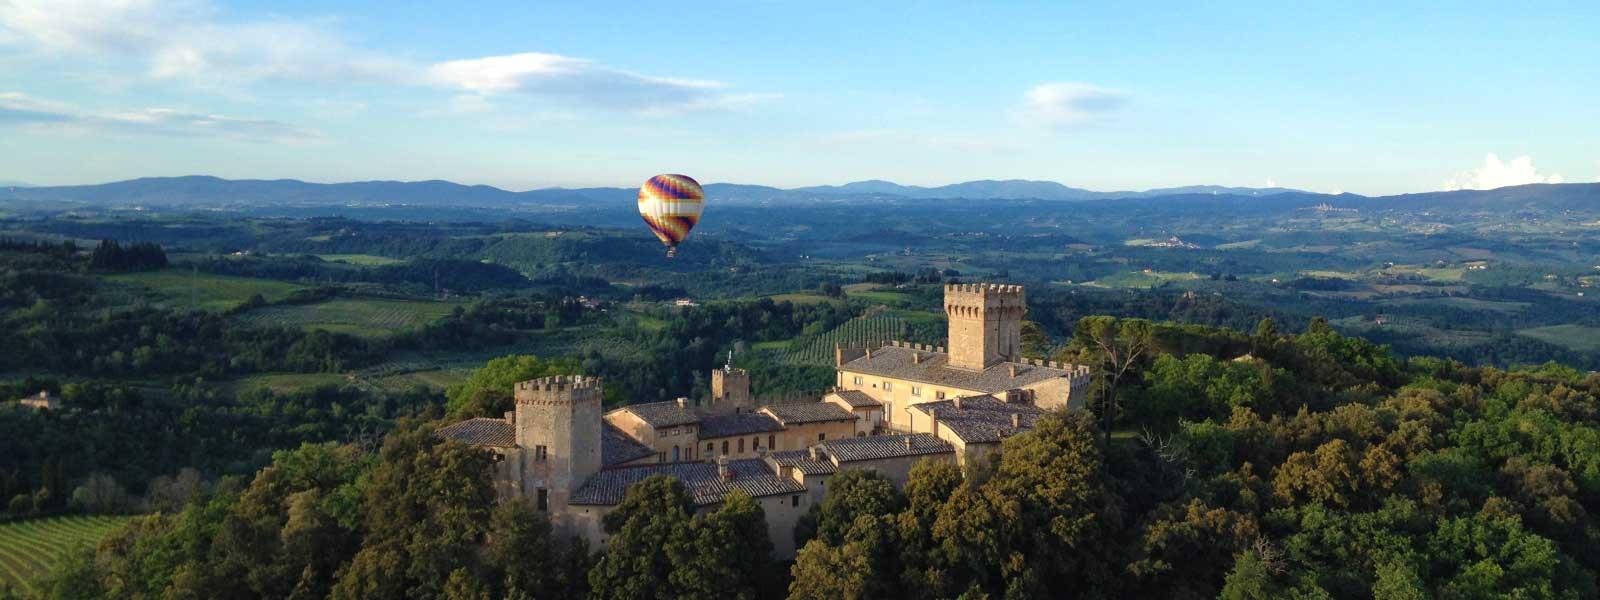 balloons-over-castello-di-santa-maria-novella